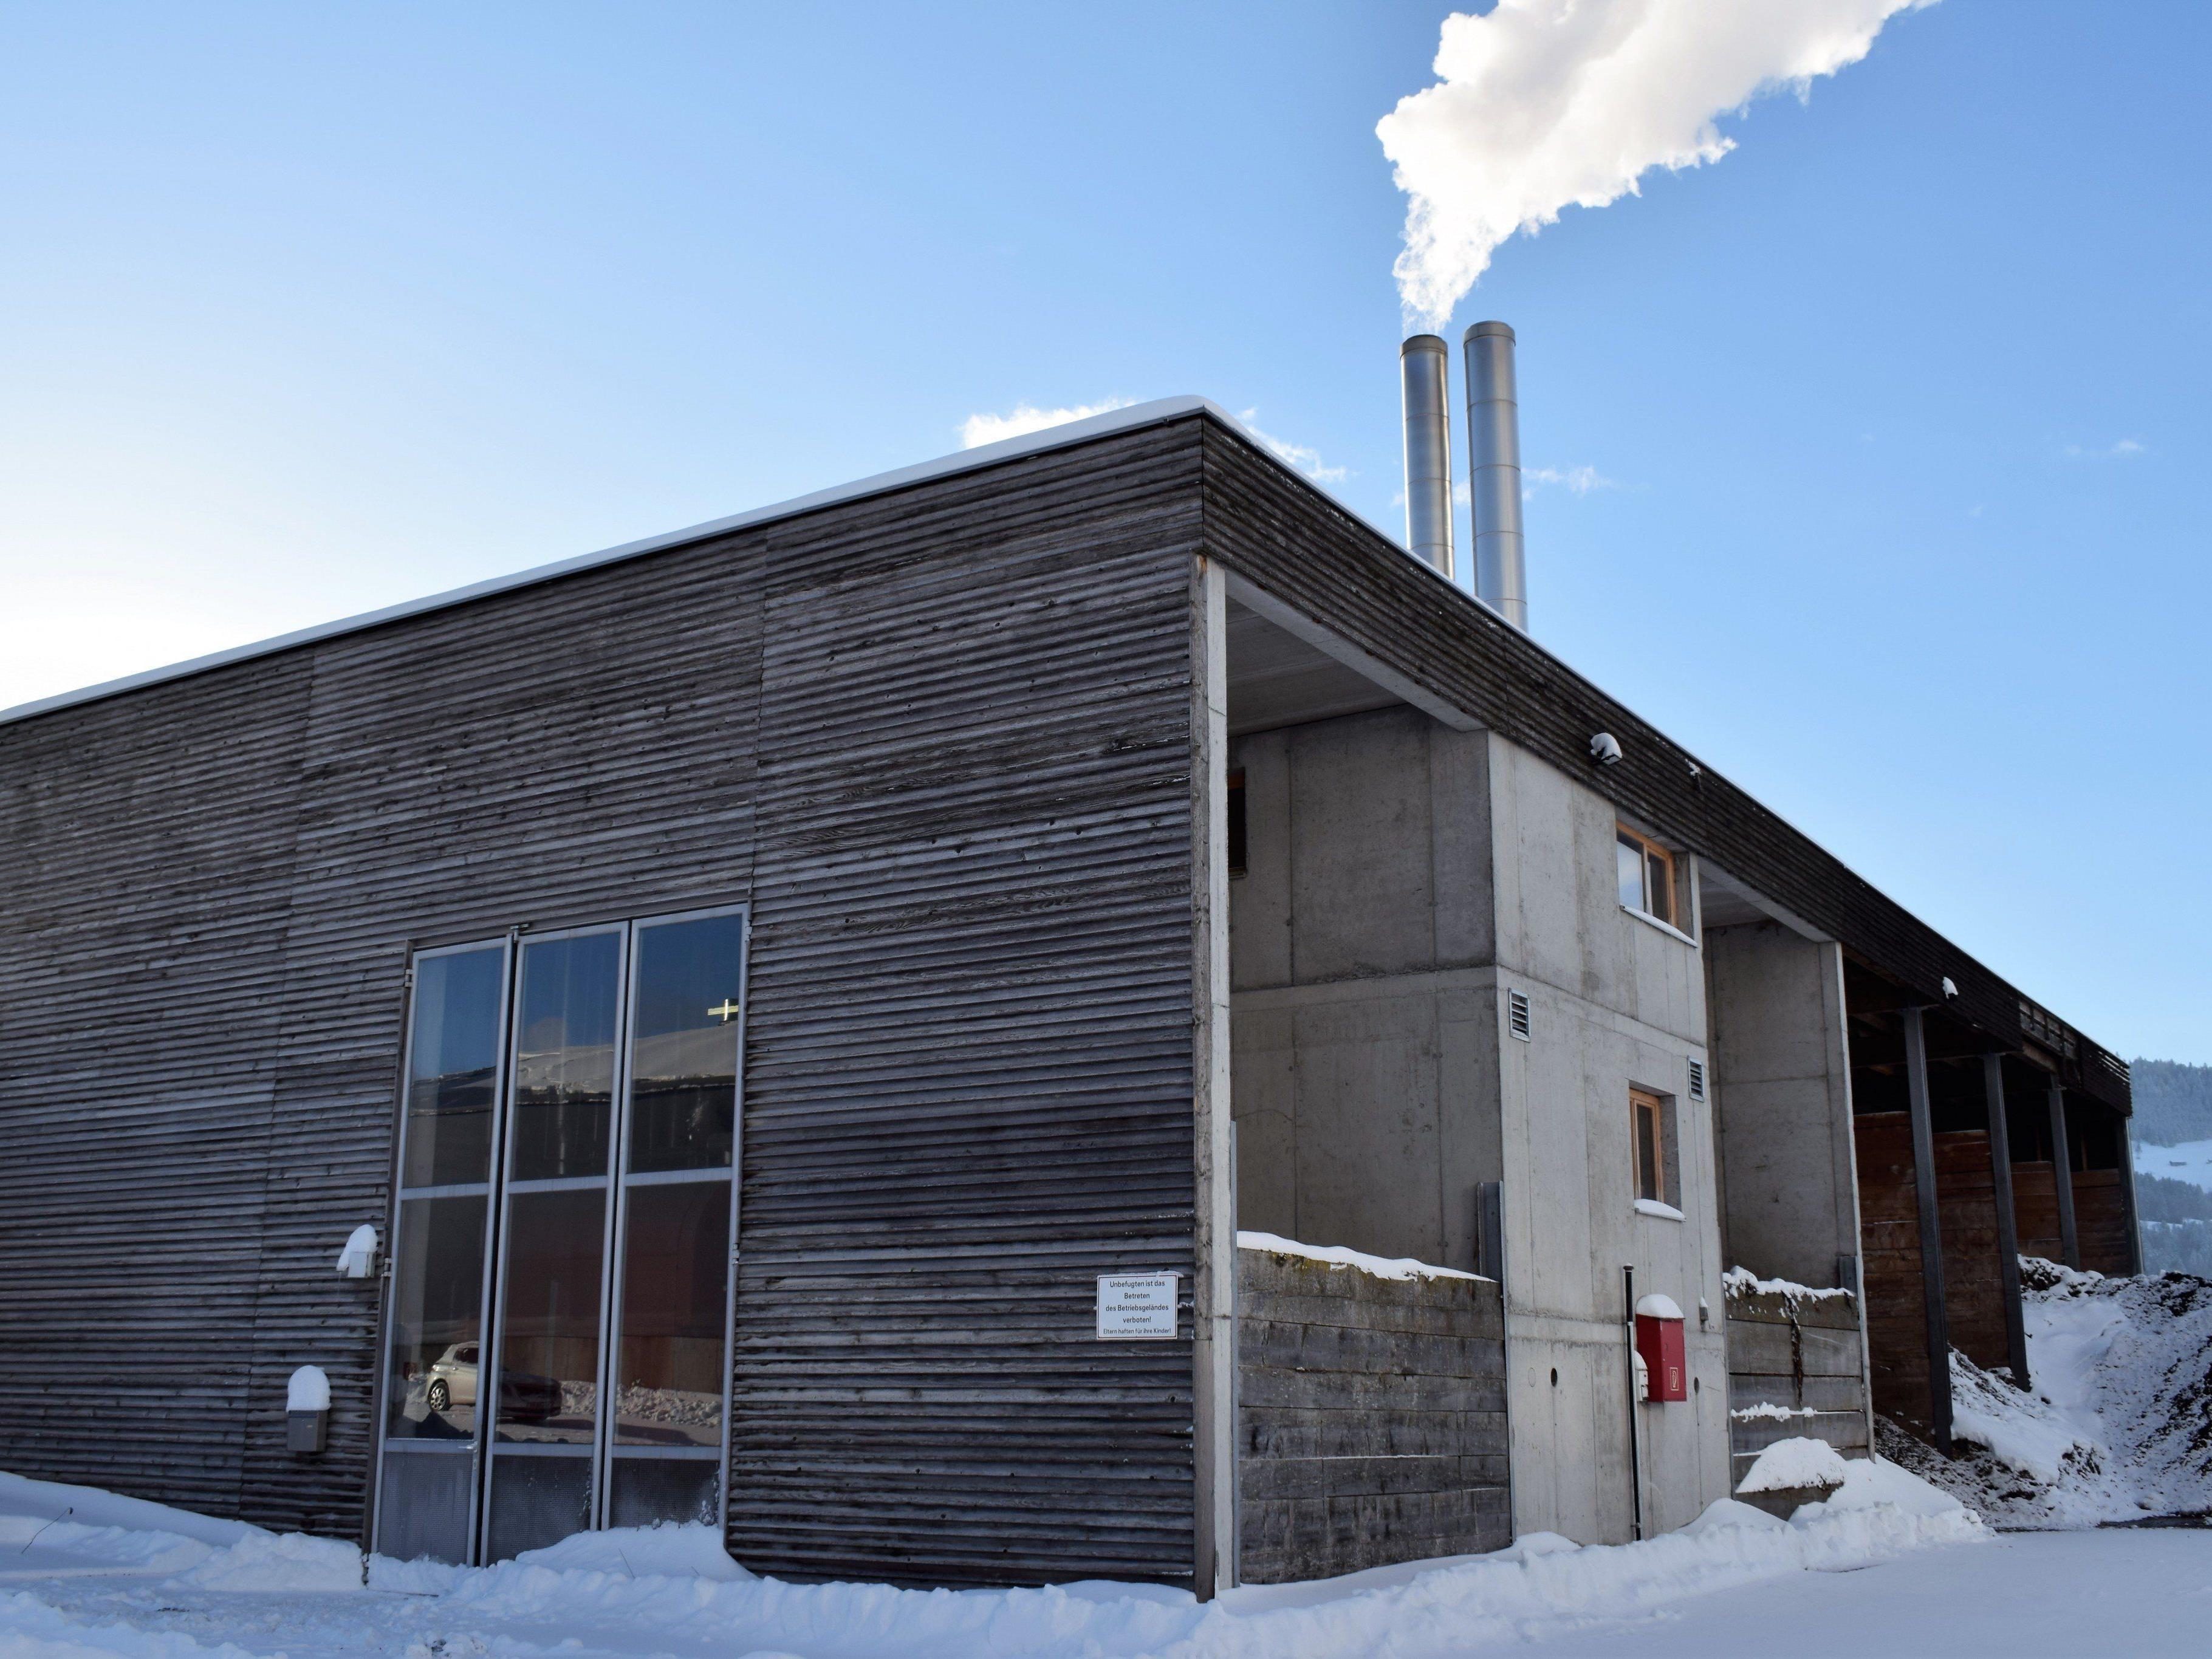 Das Biomasseheizwerk versorgt die Kunden mit Wärme aus erneuerbarer Energie.